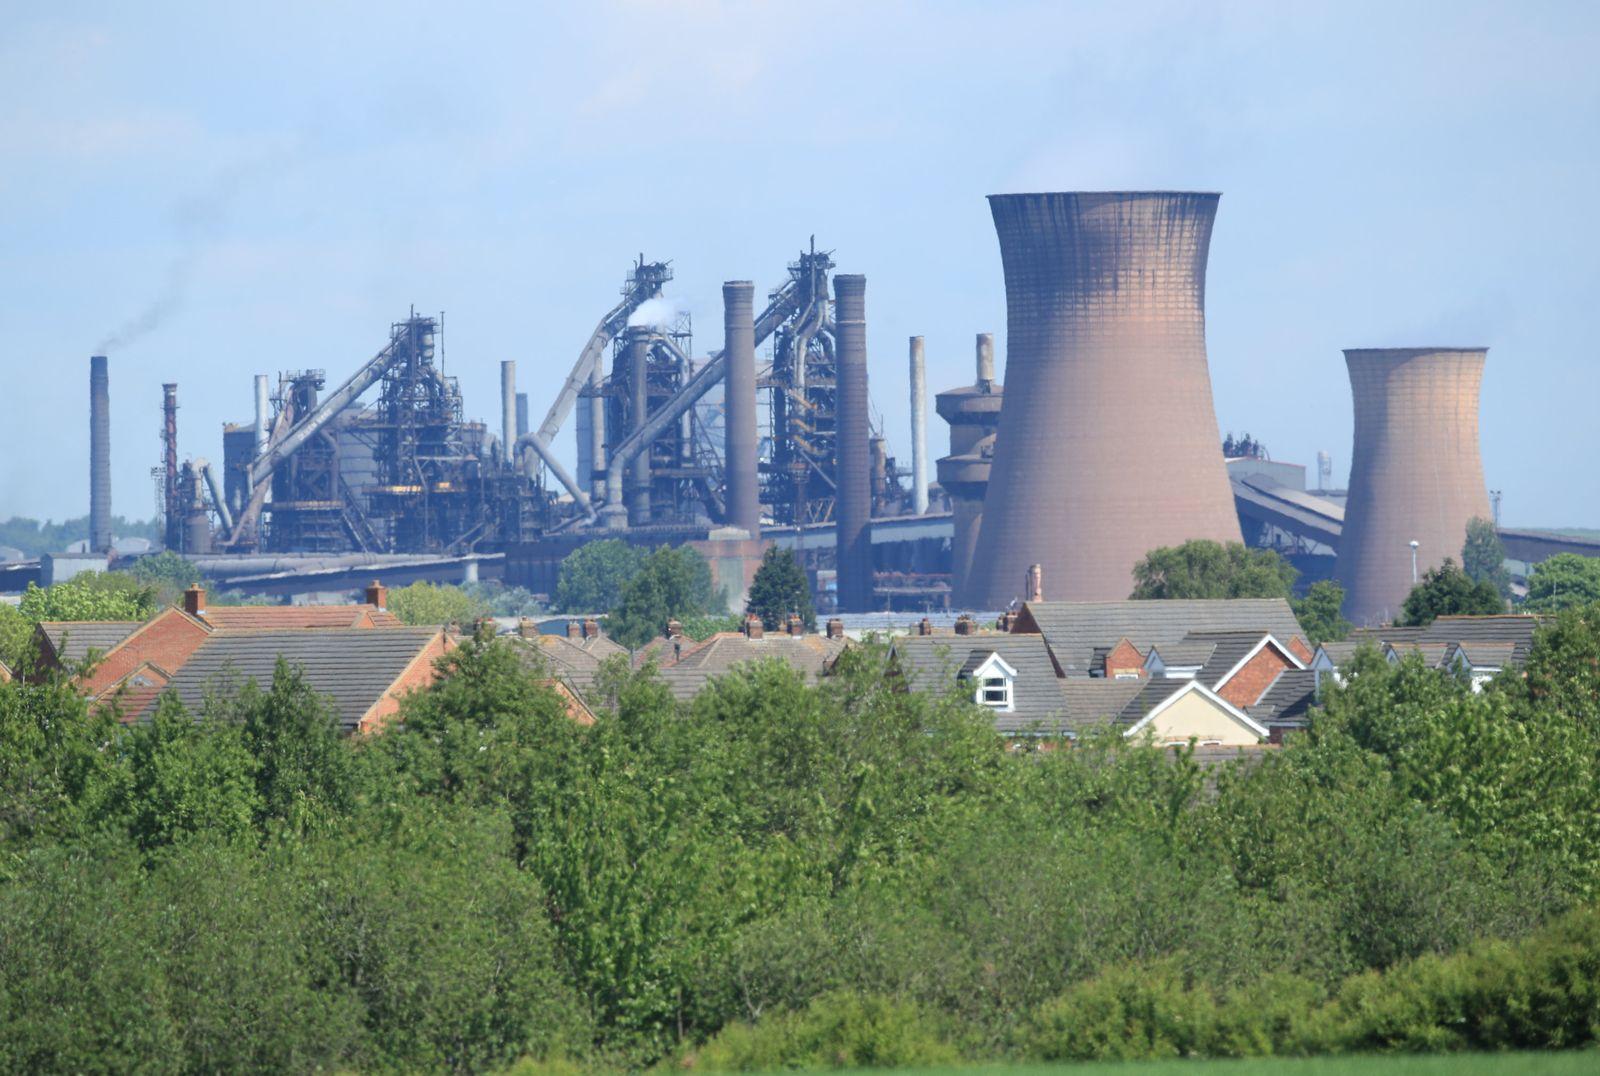 British Steel Großbritannien Industrie